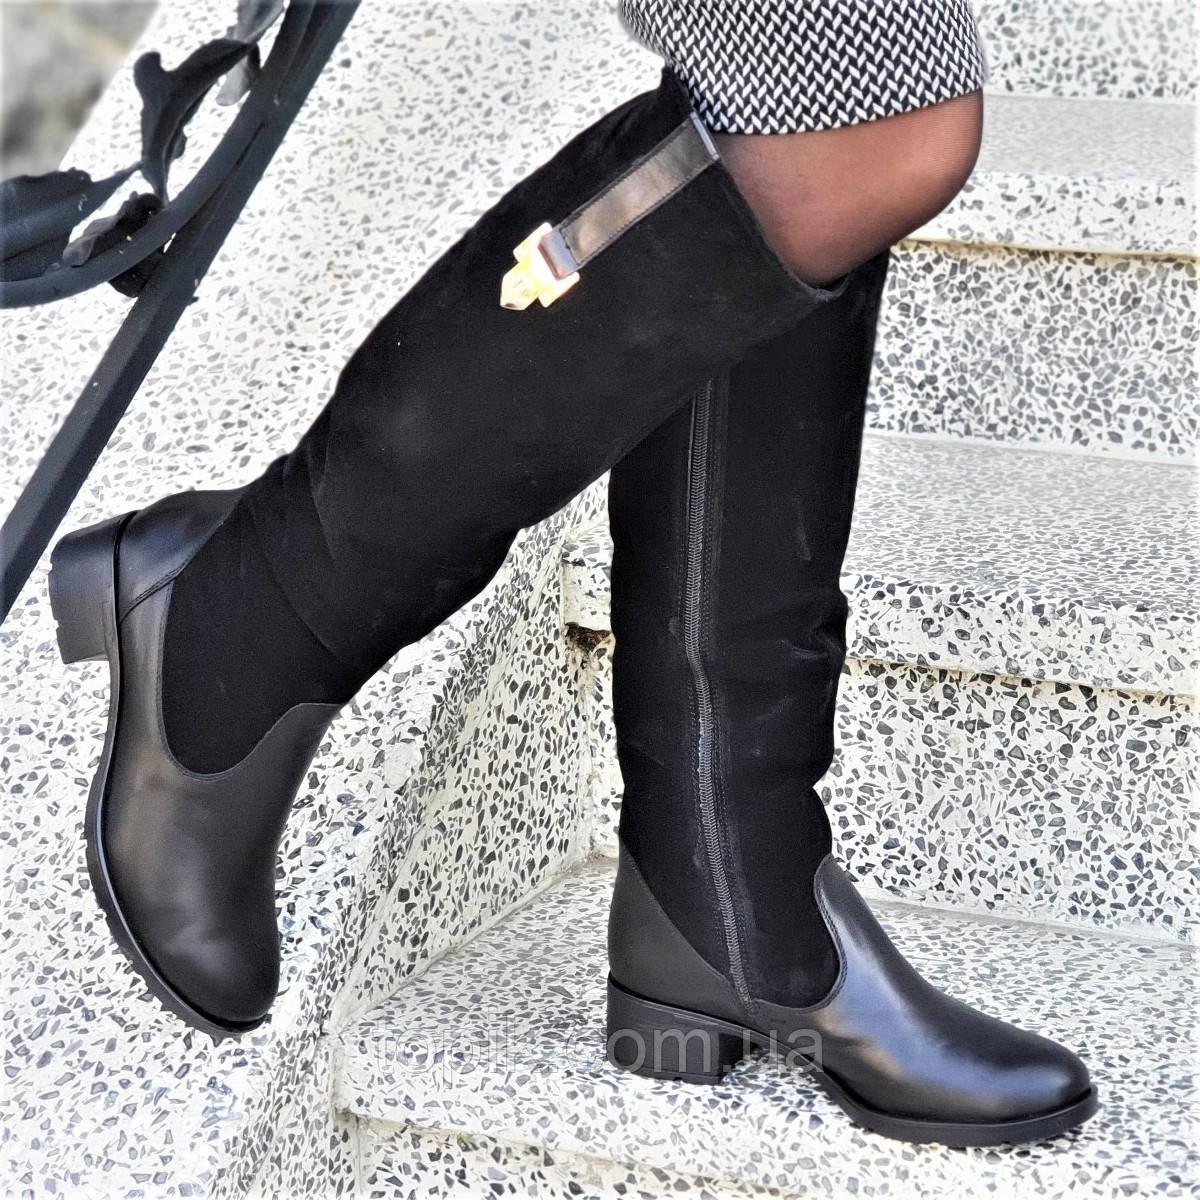 ef05e59b8 Женские зимние сапоги натуральная кожа, замша черные байка удобные стильные  (Код: 1250)